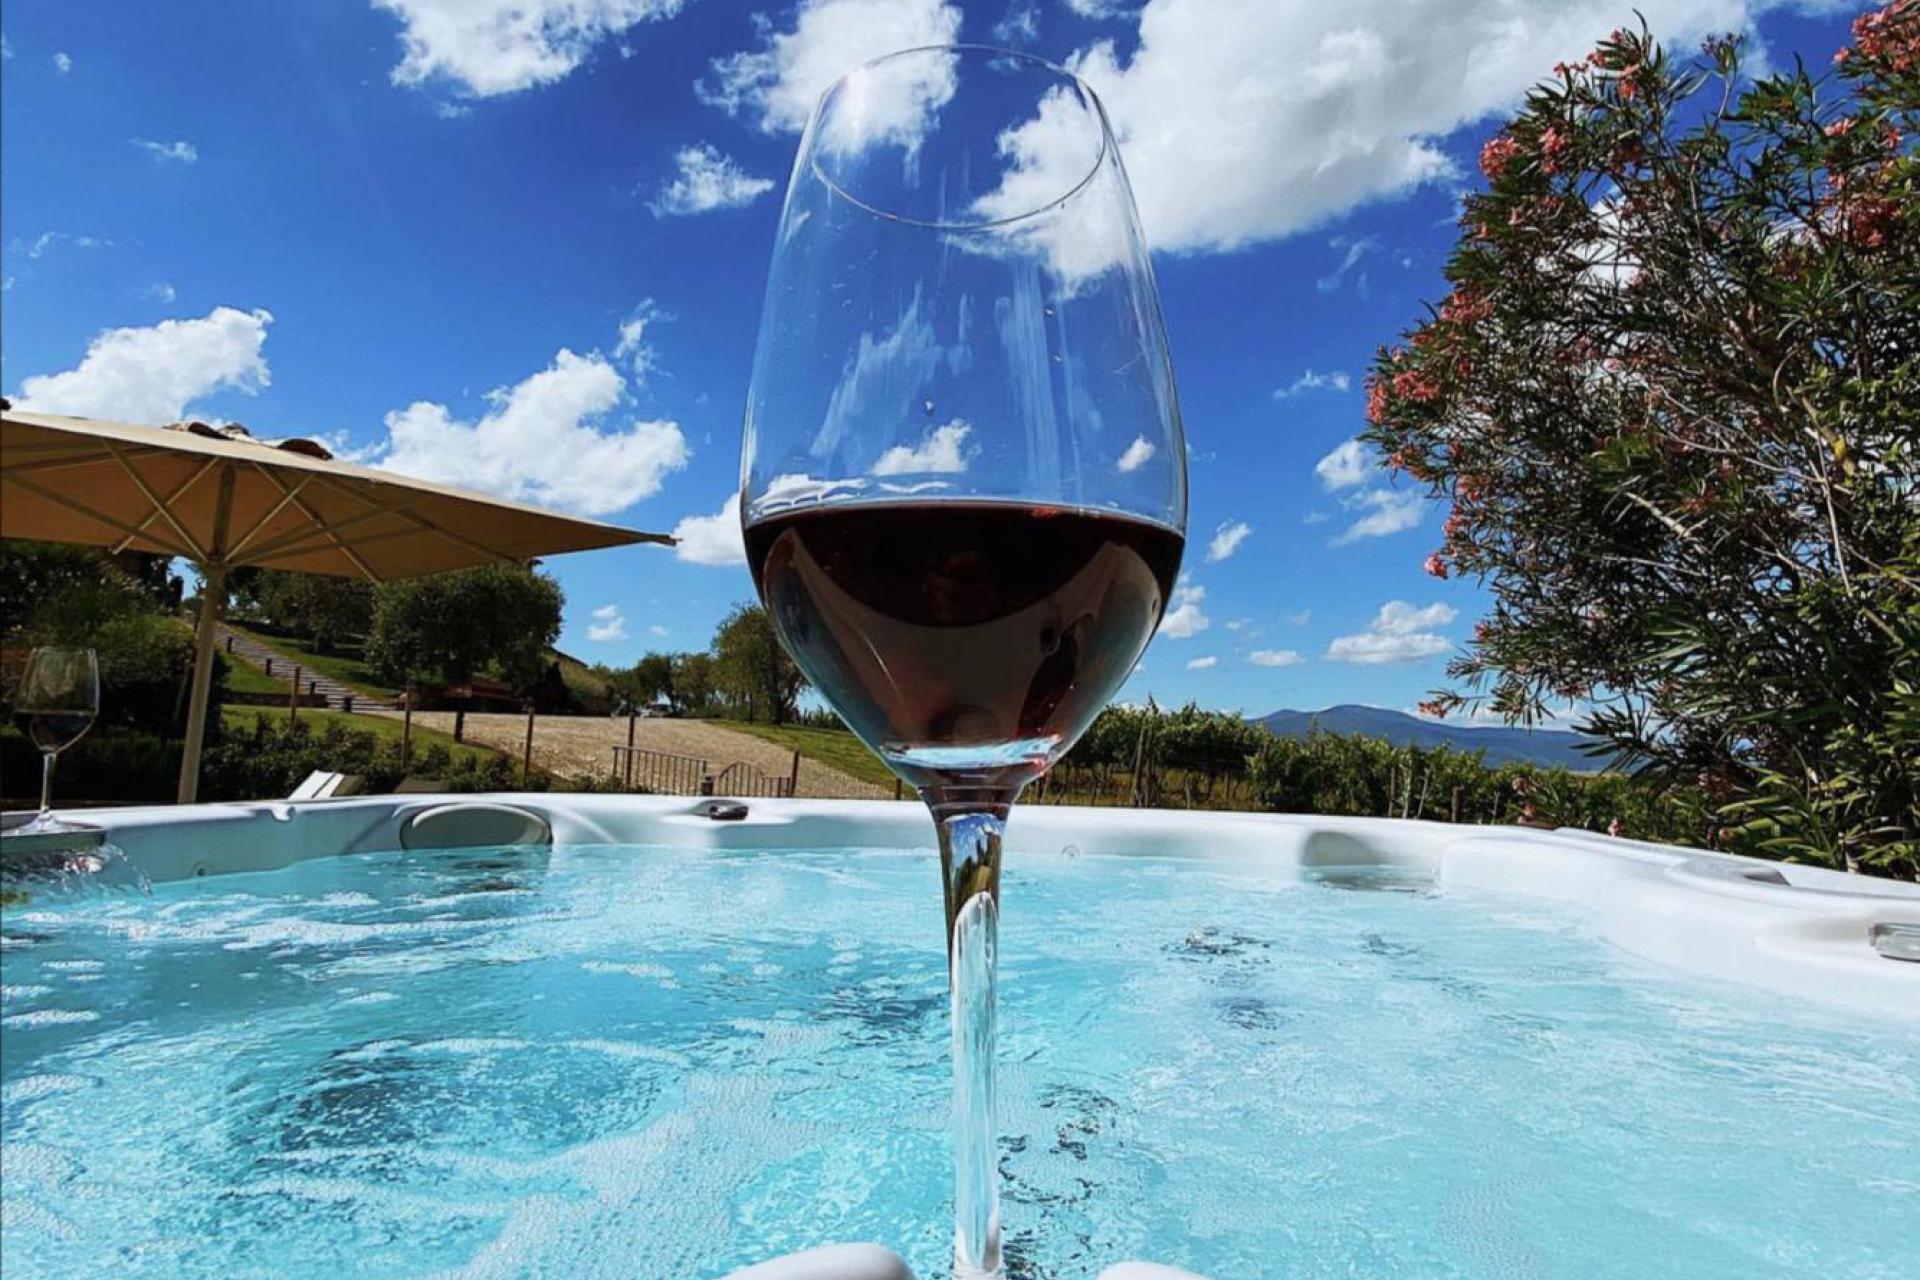 Agriturismo Toscane Appartementen luxe wijnboerderij Toscane - bij Pisa | myitaly.nl